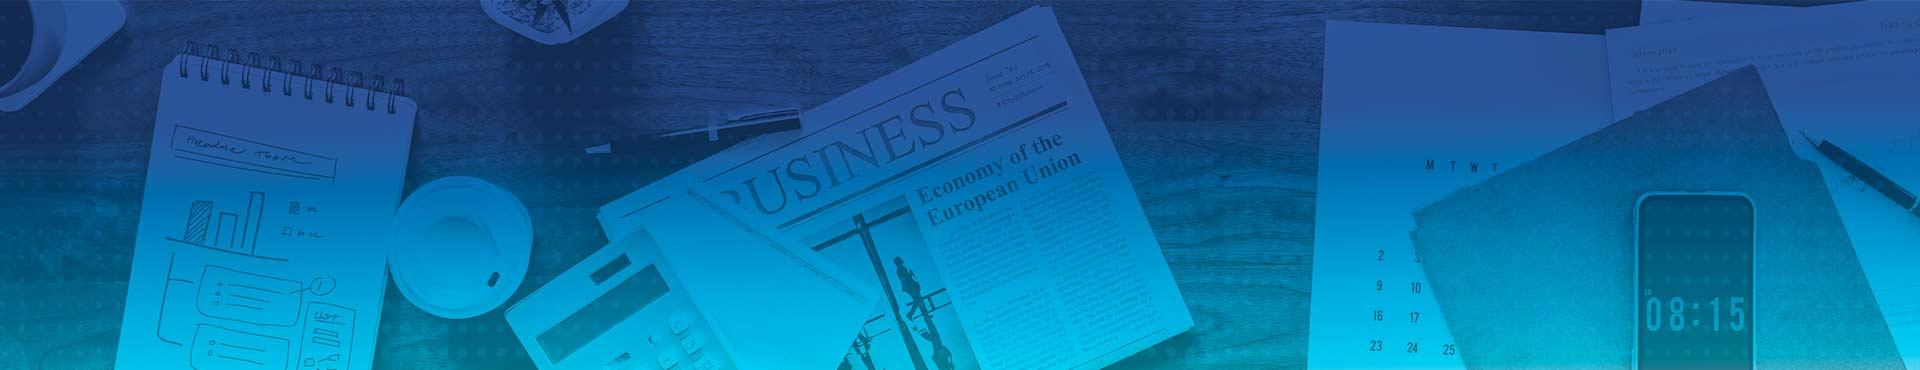 5 erros de segurança da informação cometidos pelas empresas